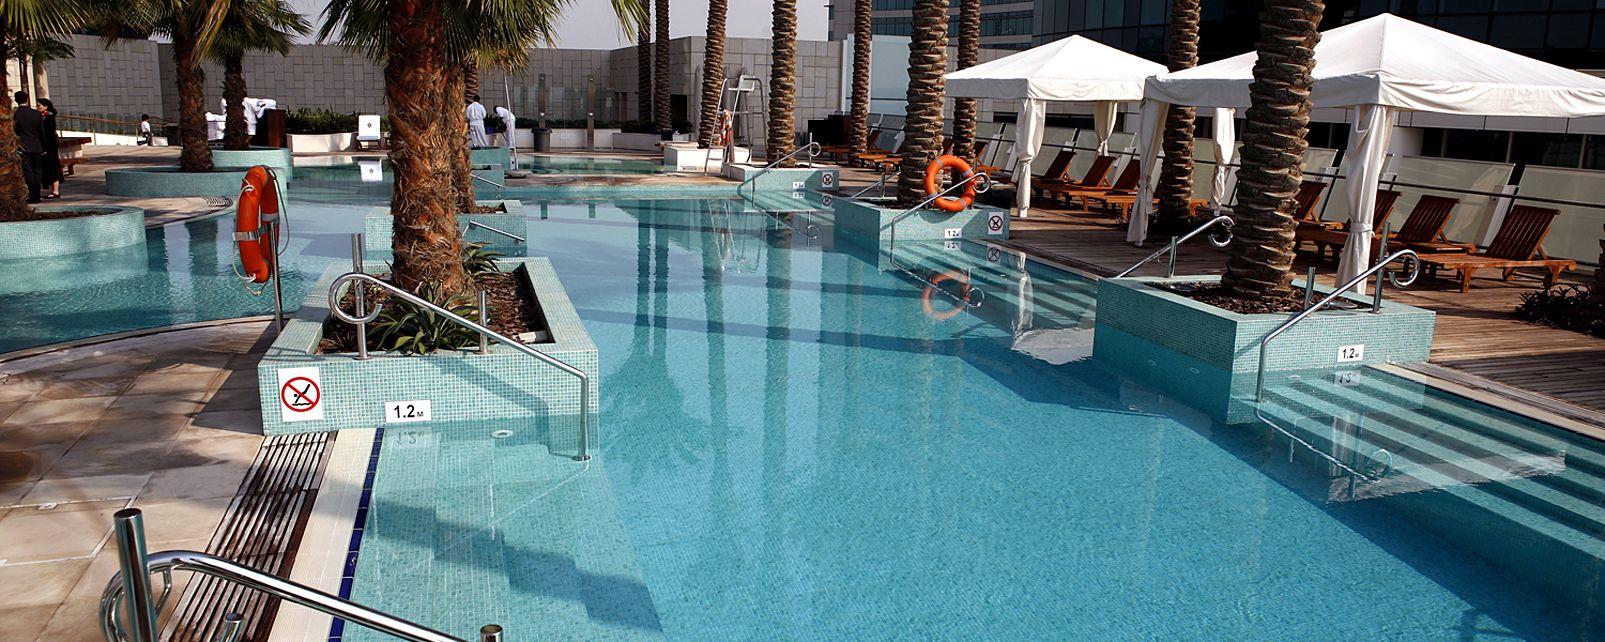 Hotel intercontinental dubai festival city in for Hotels in dubai city